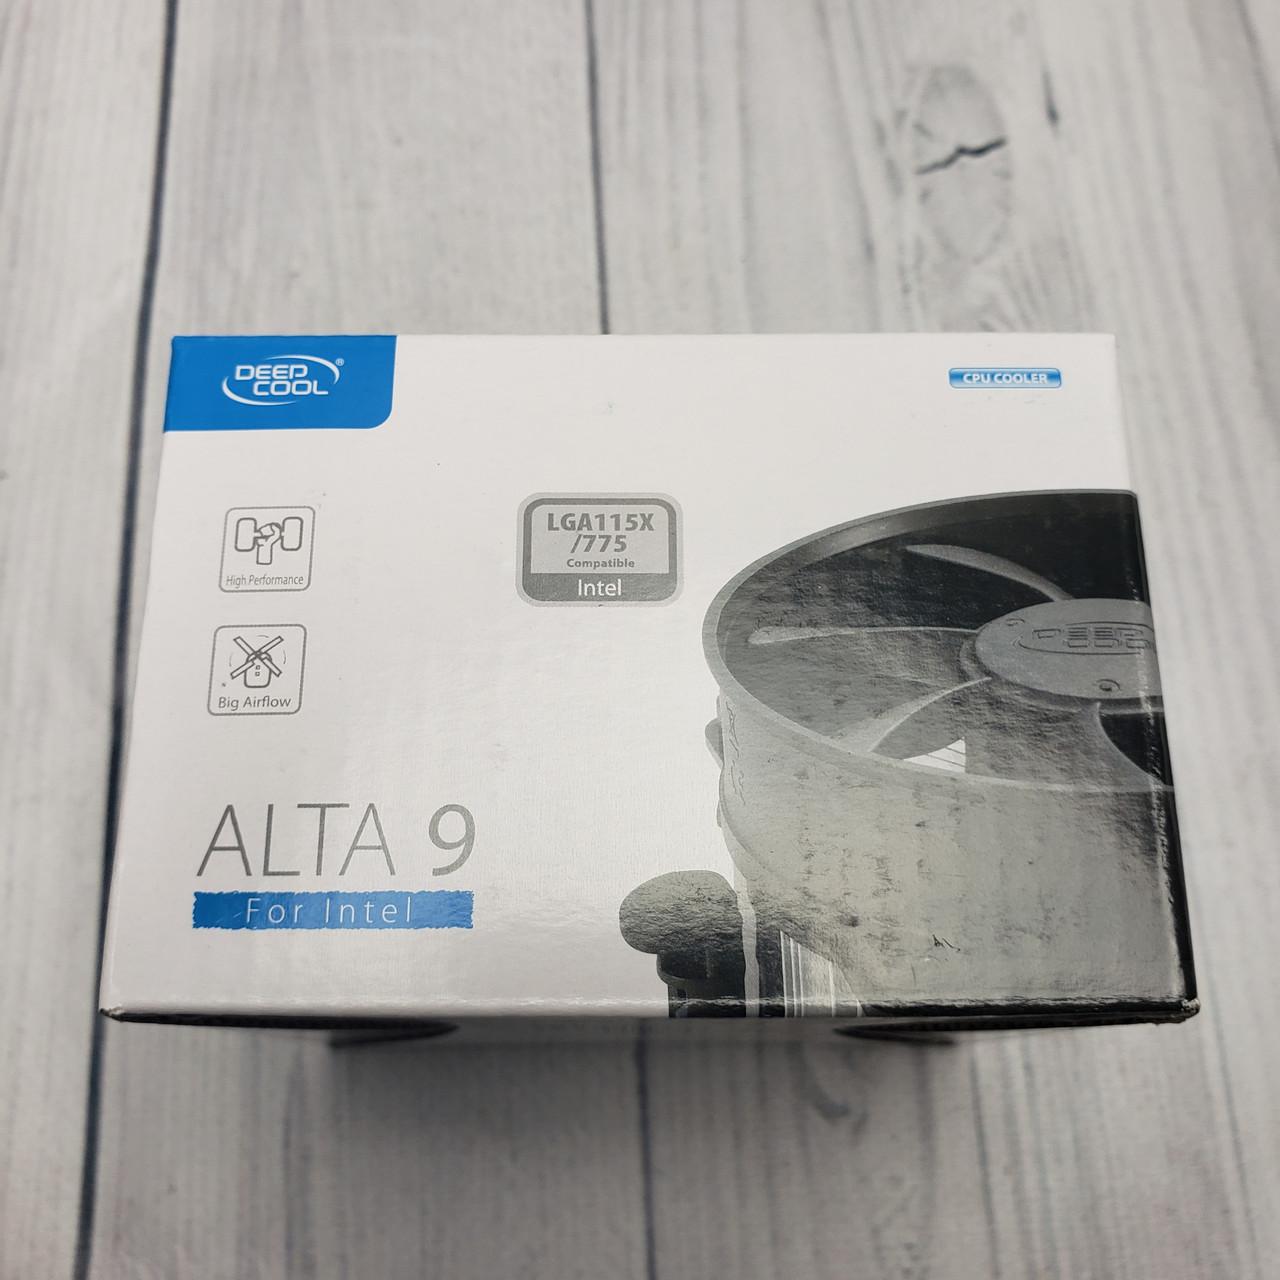 Охлаждение DeepCool Alta 9